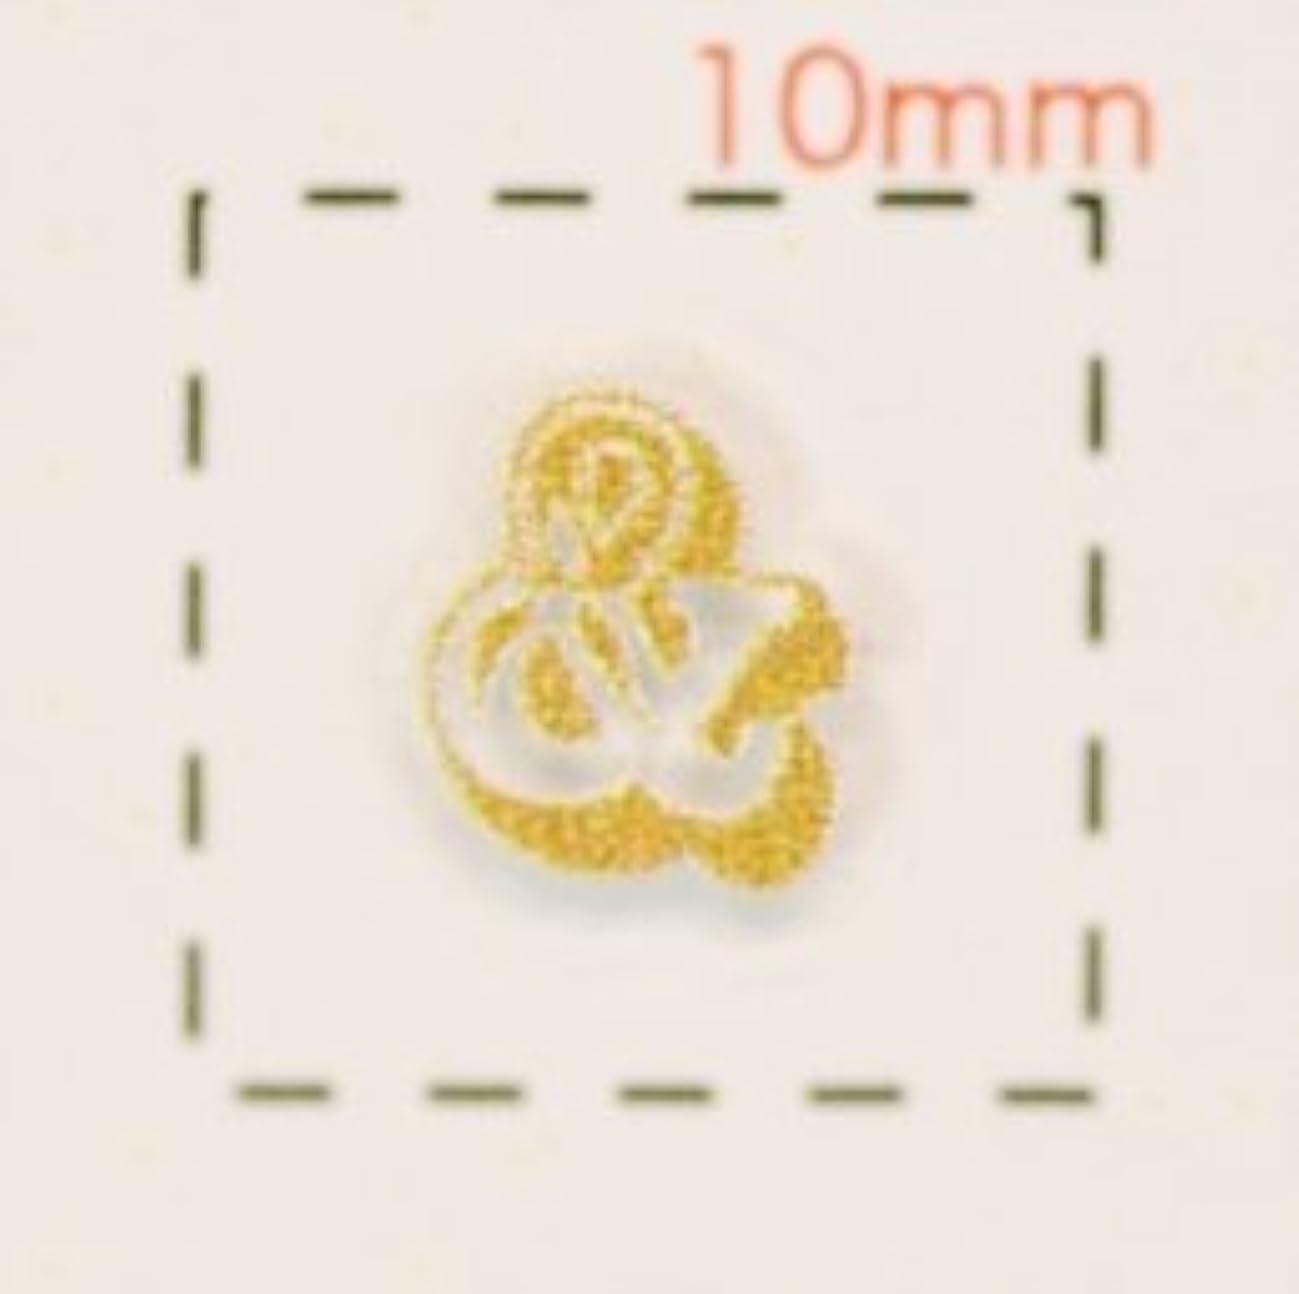 フィールドアッティカス化学3Dネイルシール【アルファベット?イニシャル】3Dブロック体ゴールド( & )1シート16枚入